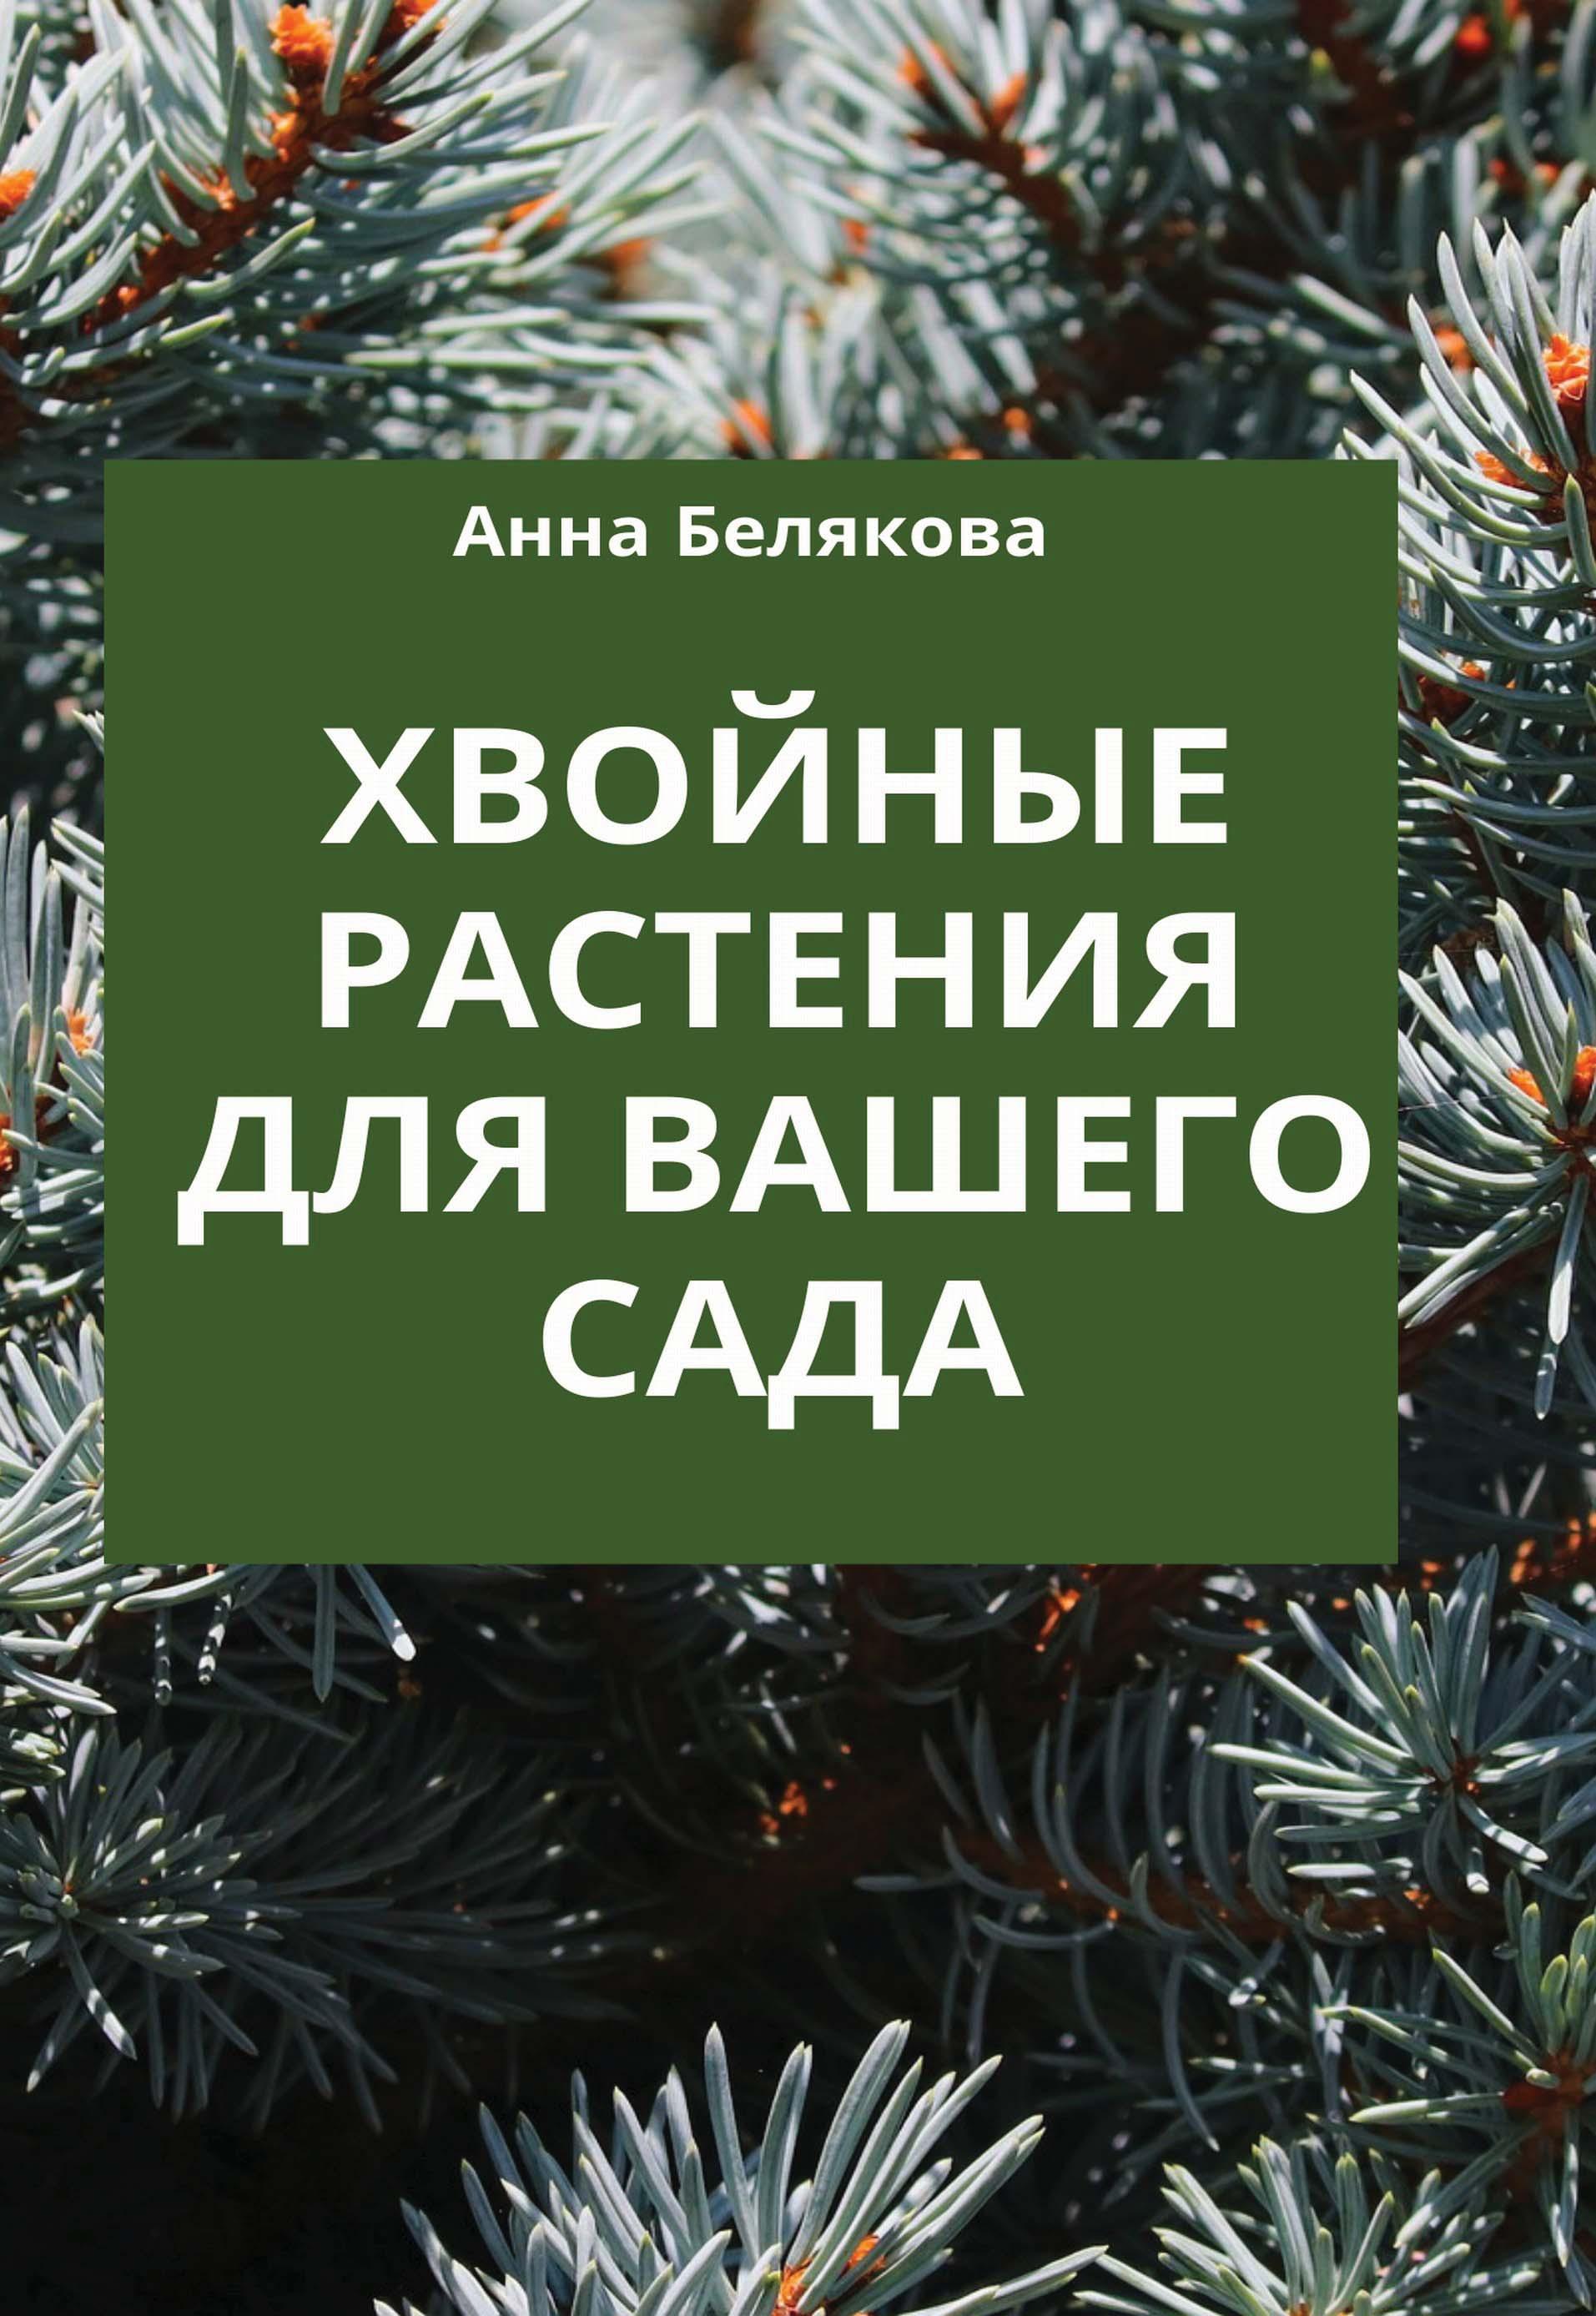 Ольга Городец Красивые хвойные для вашего сада михаил васильев самые красивые деревья и кустарники справочник садовода